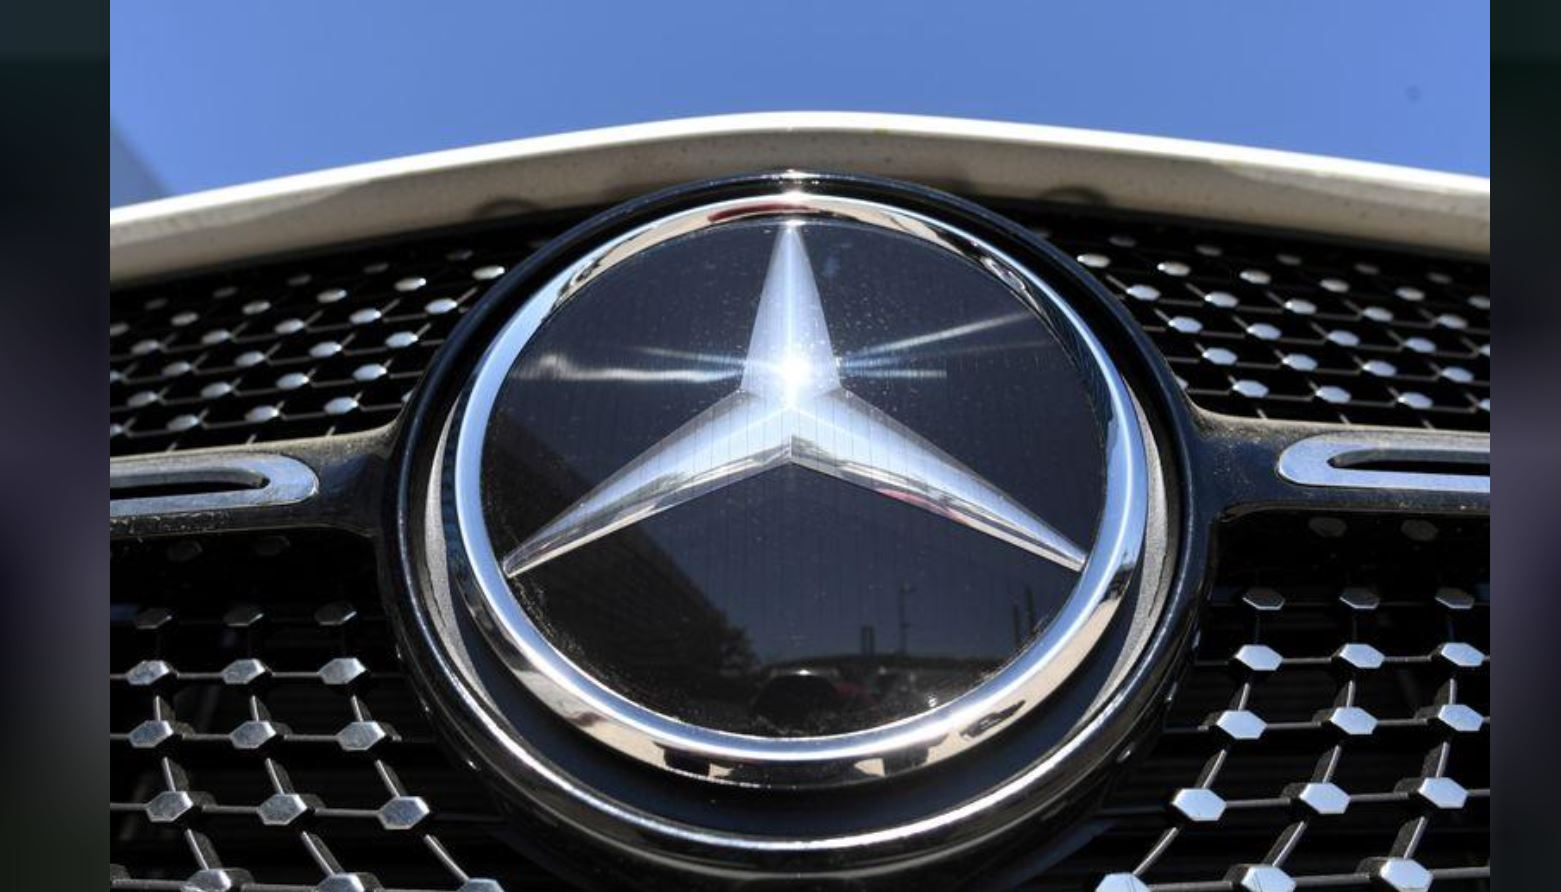 Daimler cautiously optimistic despite expected second-quarter loss